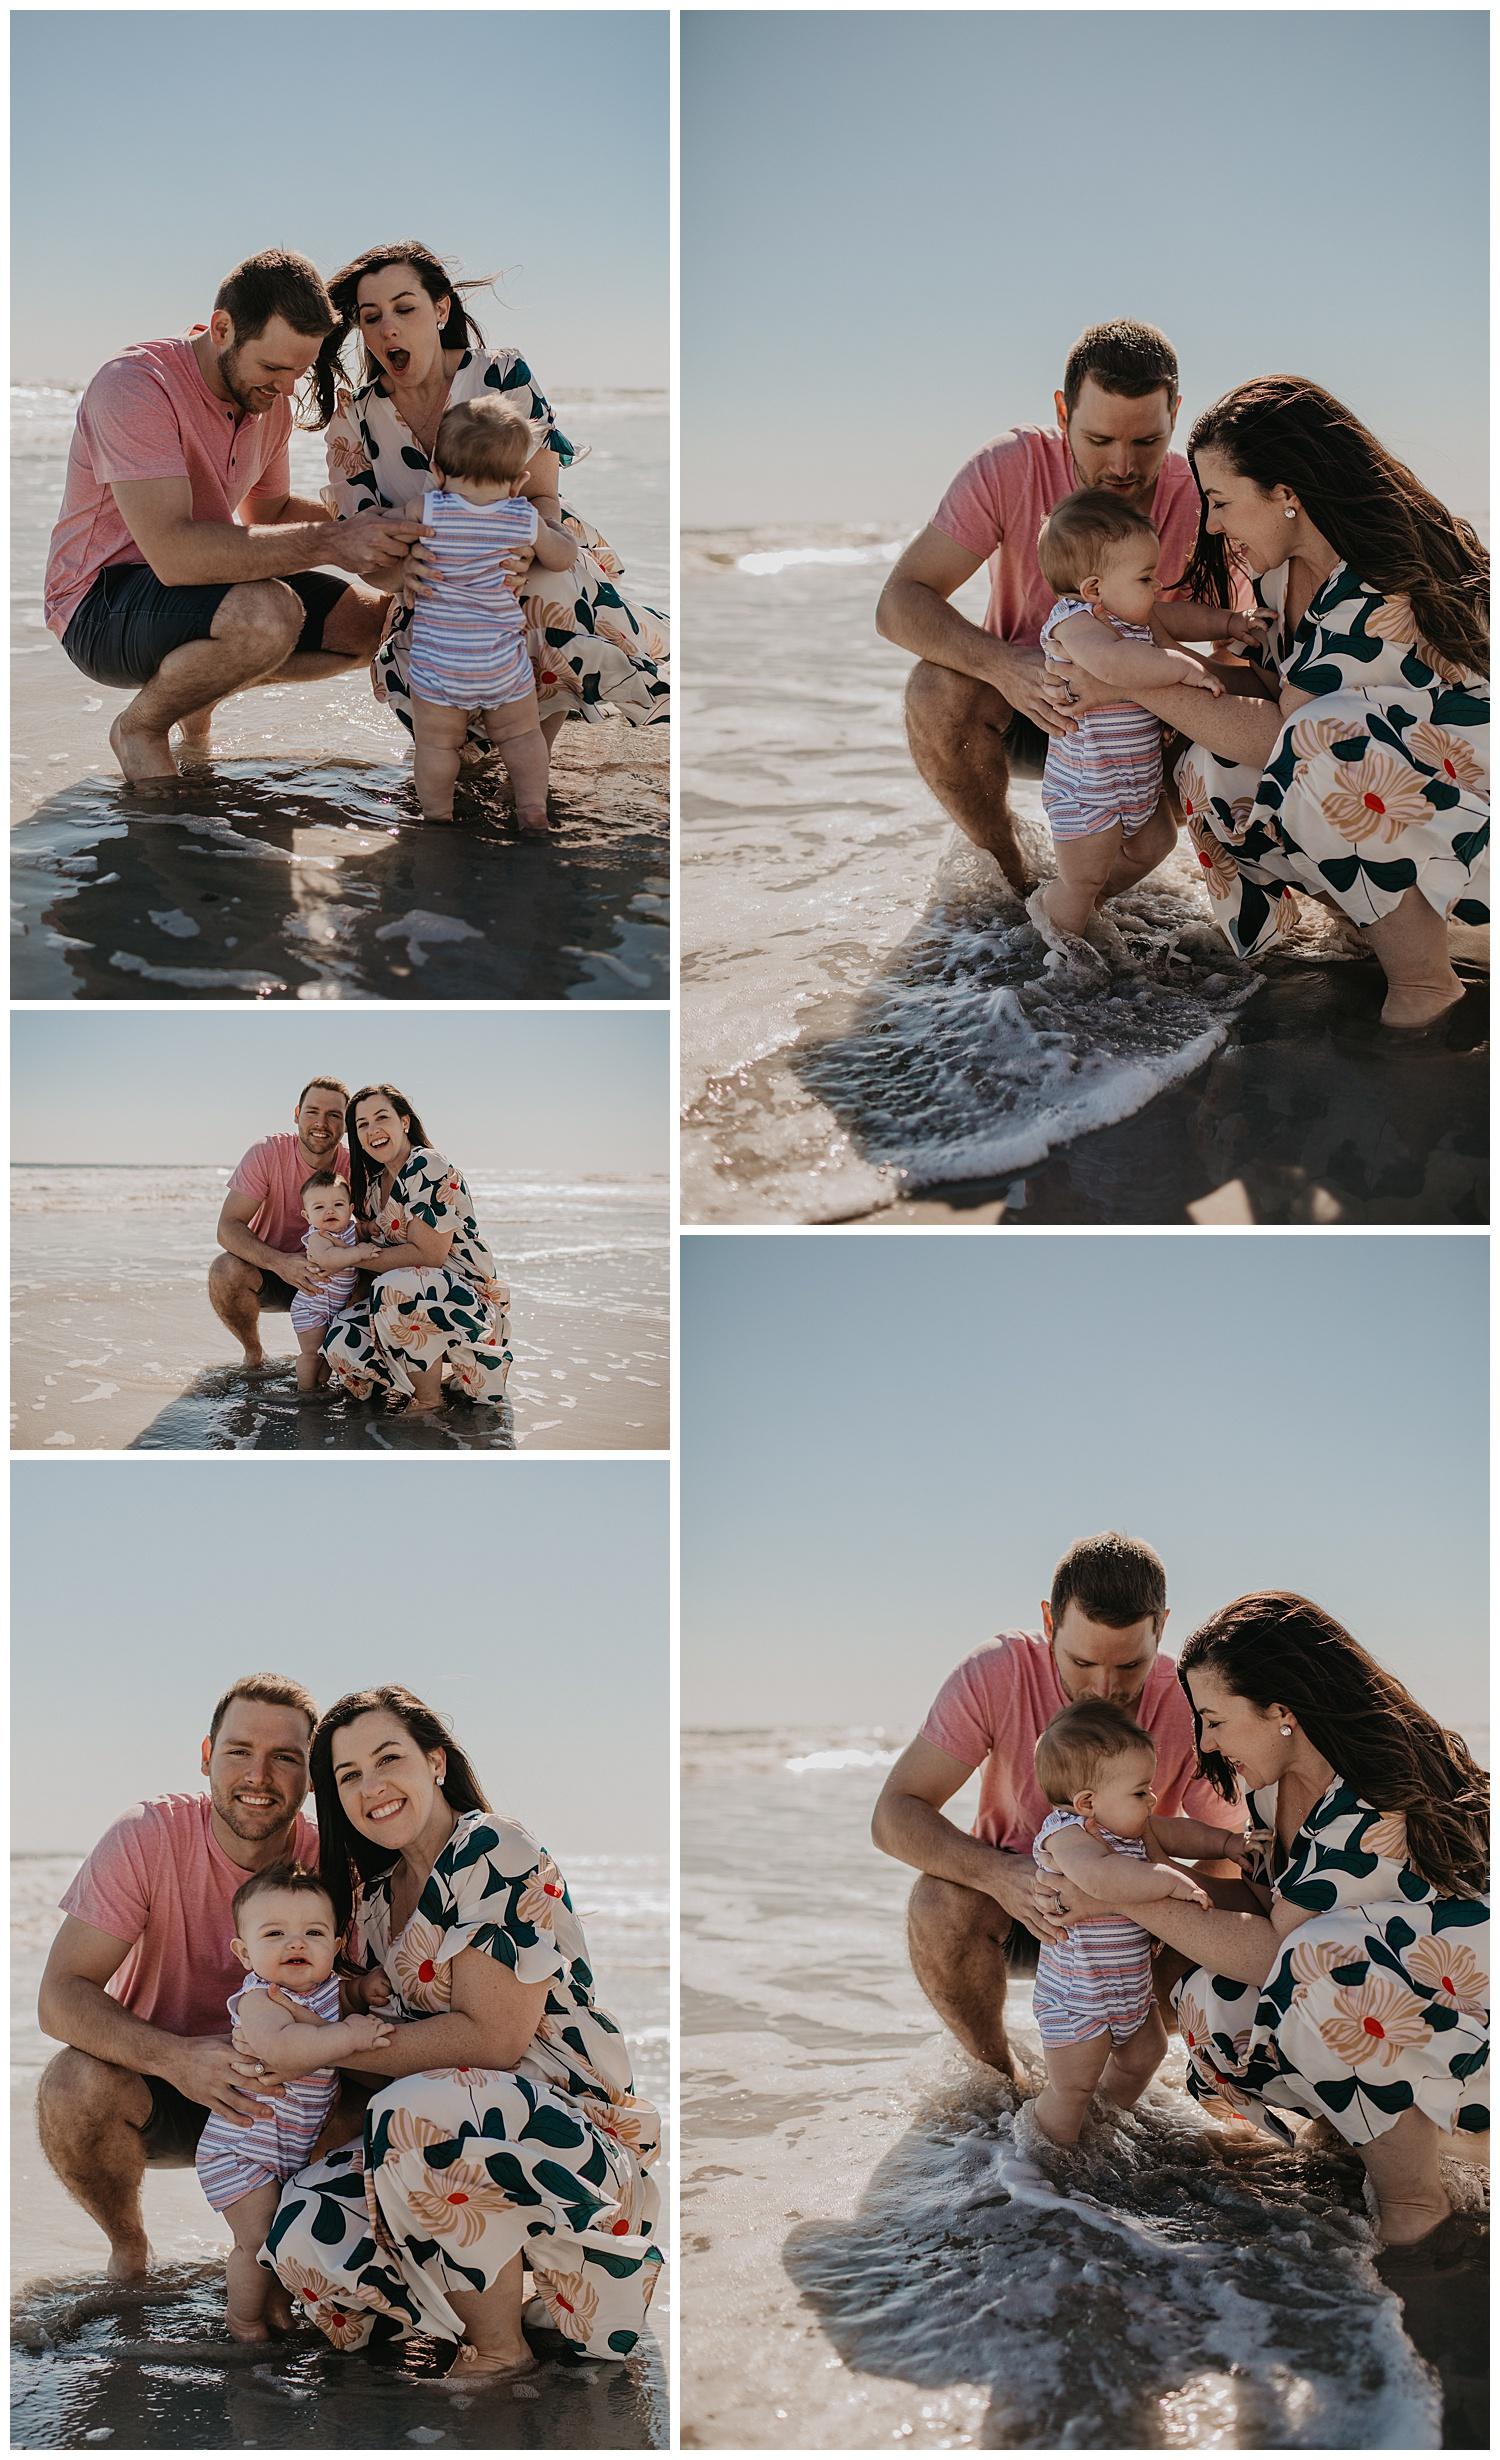 jacksonville-beach-family-session-jacksonville-beach-florida_0153.jpg